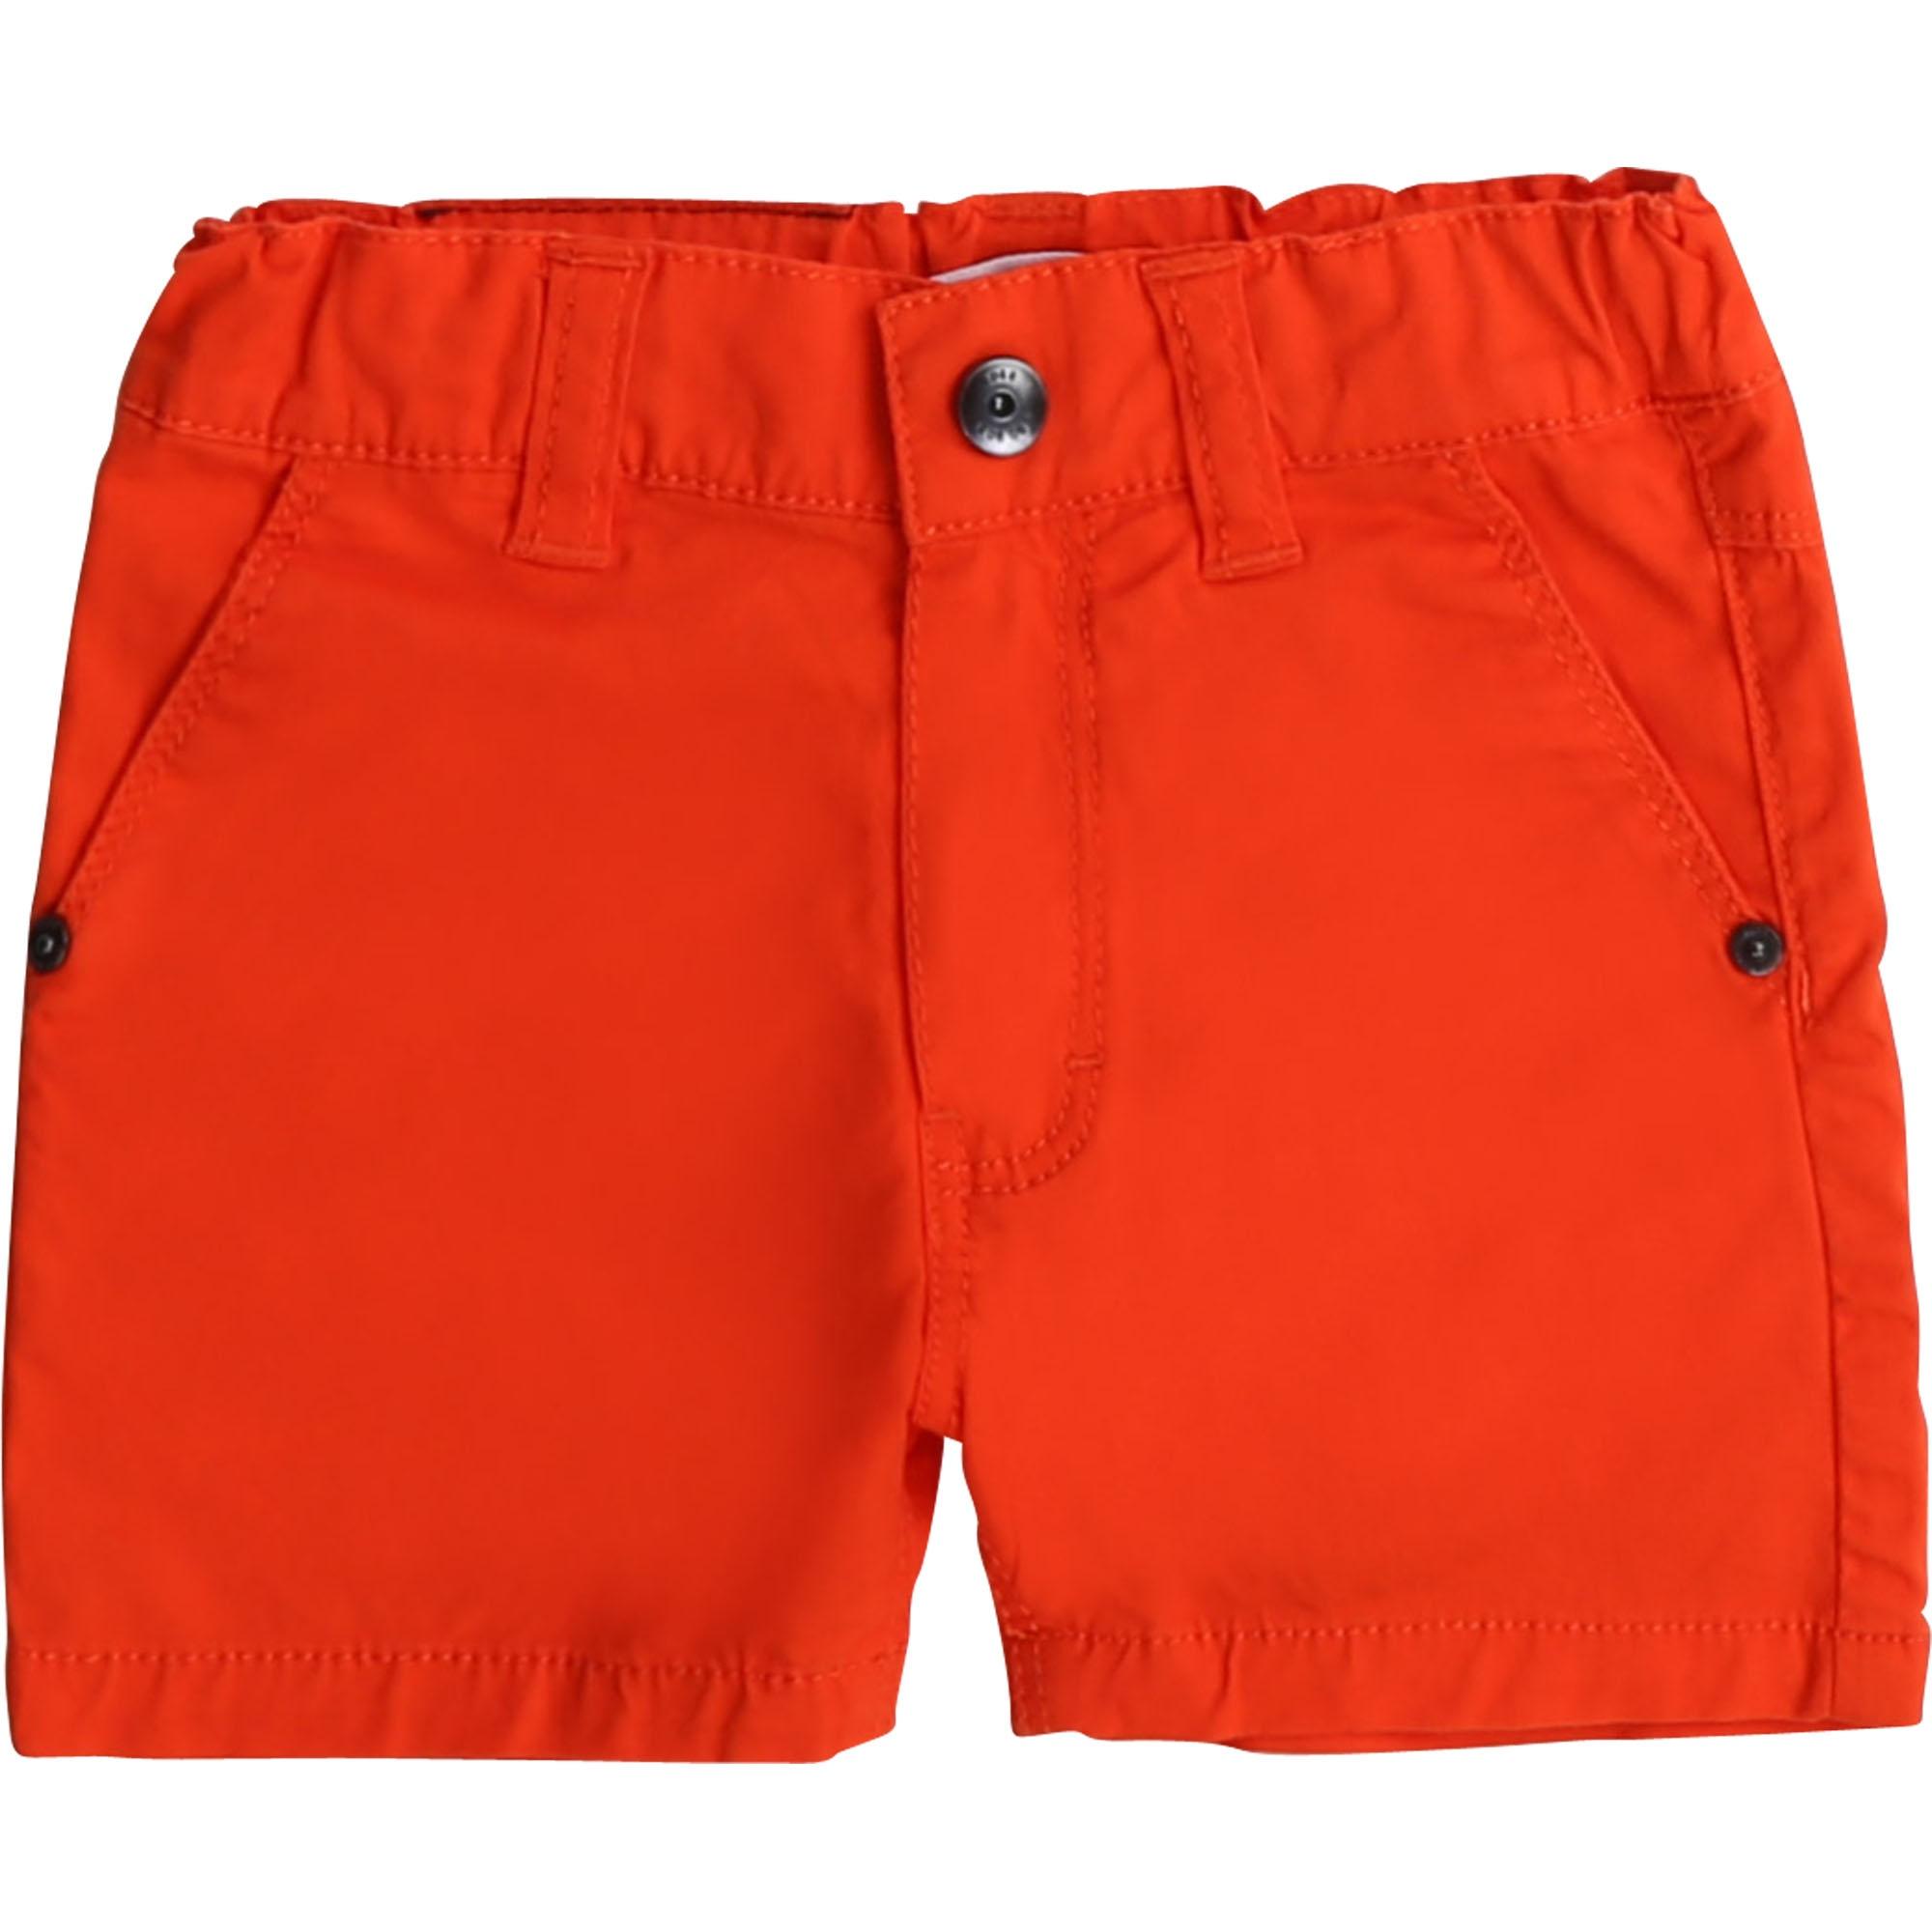 https://www.leadermode.com/188489/hugo-boss-j04358-41c-industrial-orange.jpg